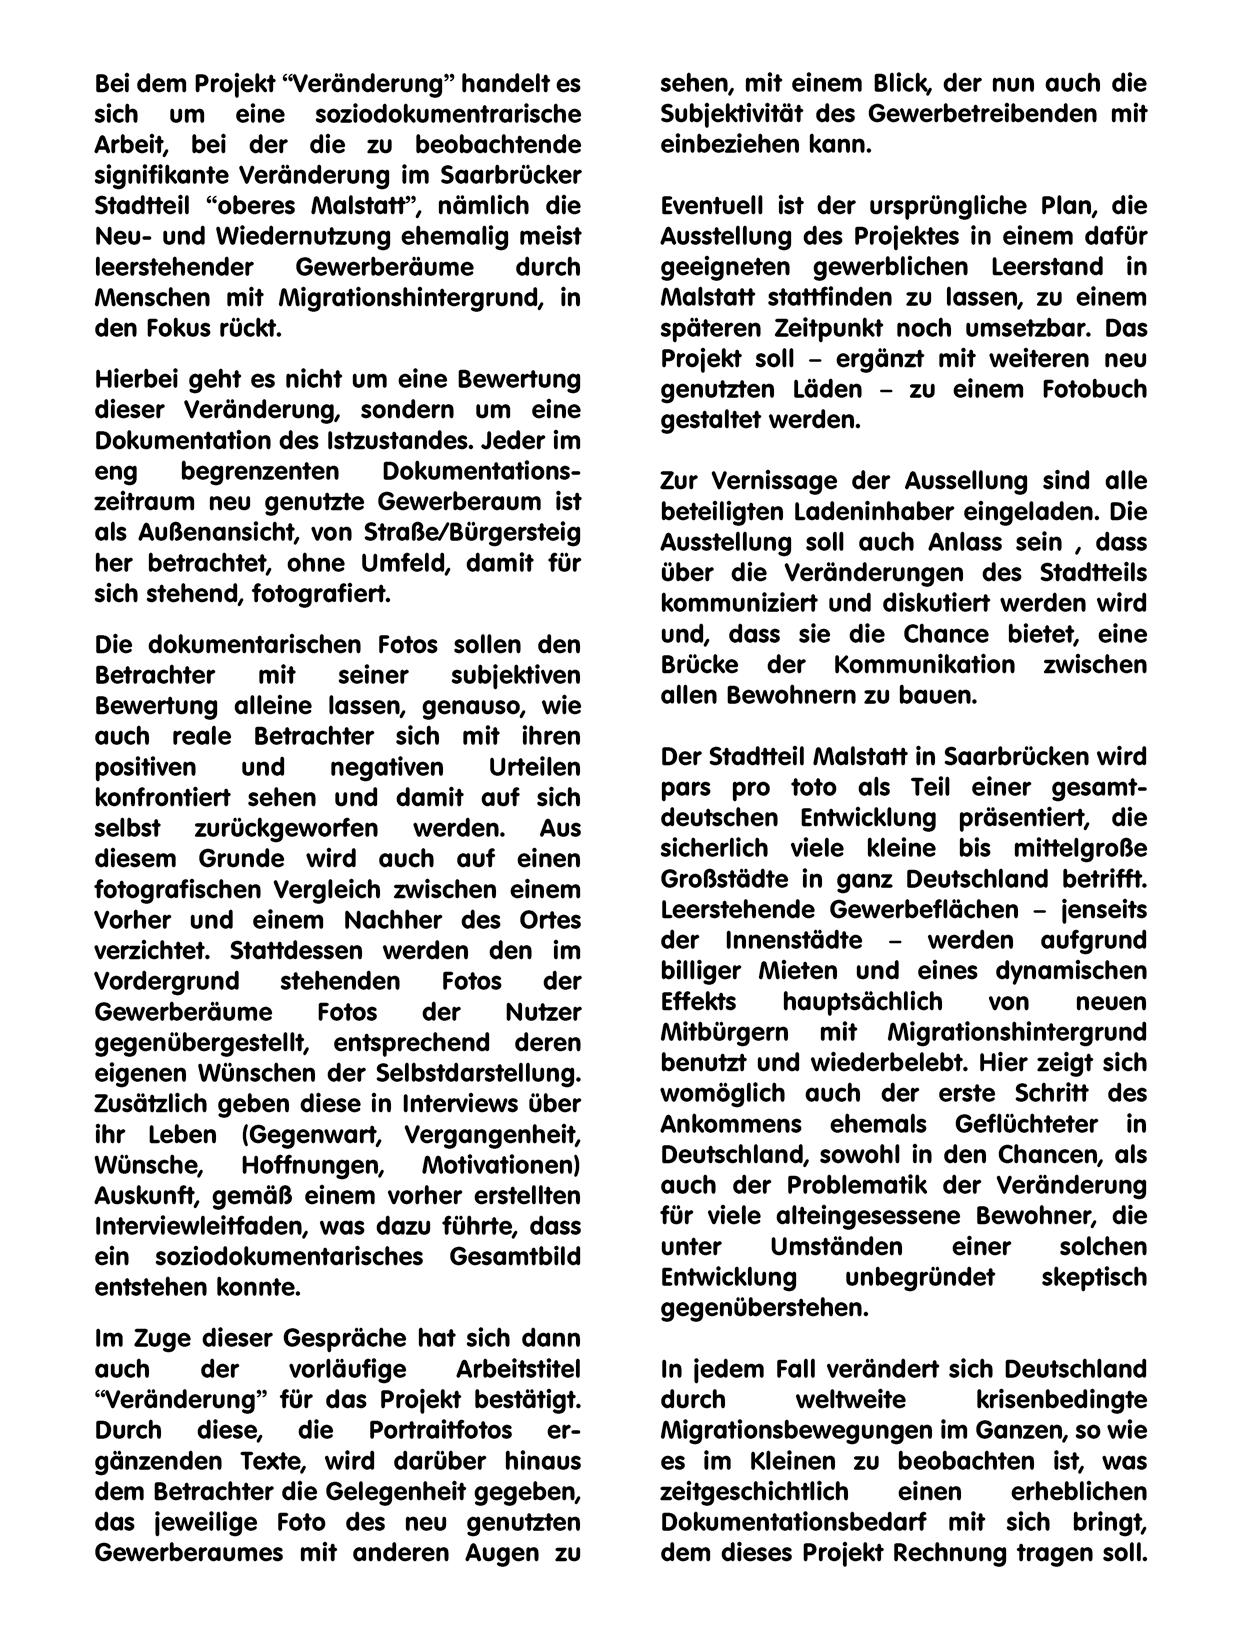 """Ausstellung der sozialdokumentarischen Arbeit """"Veränderung"""" – Text"""